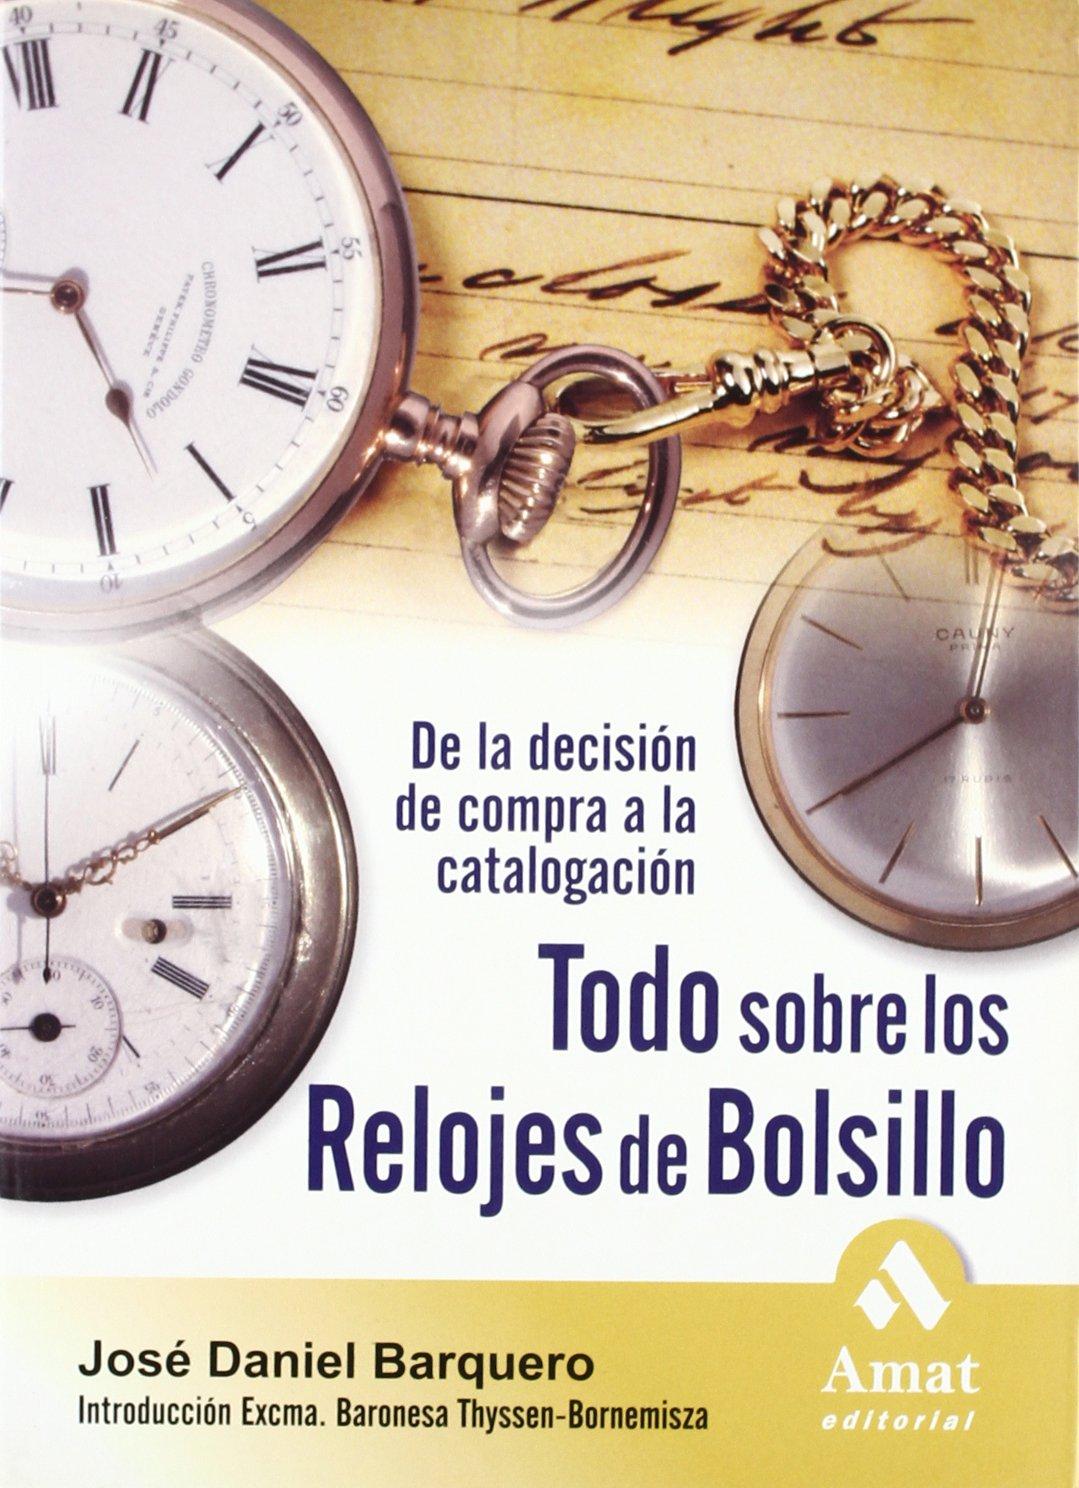 Todo sobre los relojes de bolsillo: De la decisión de compra a la catalogación: Amazon.es: Barquero Cabrero, José Daniel: Libros